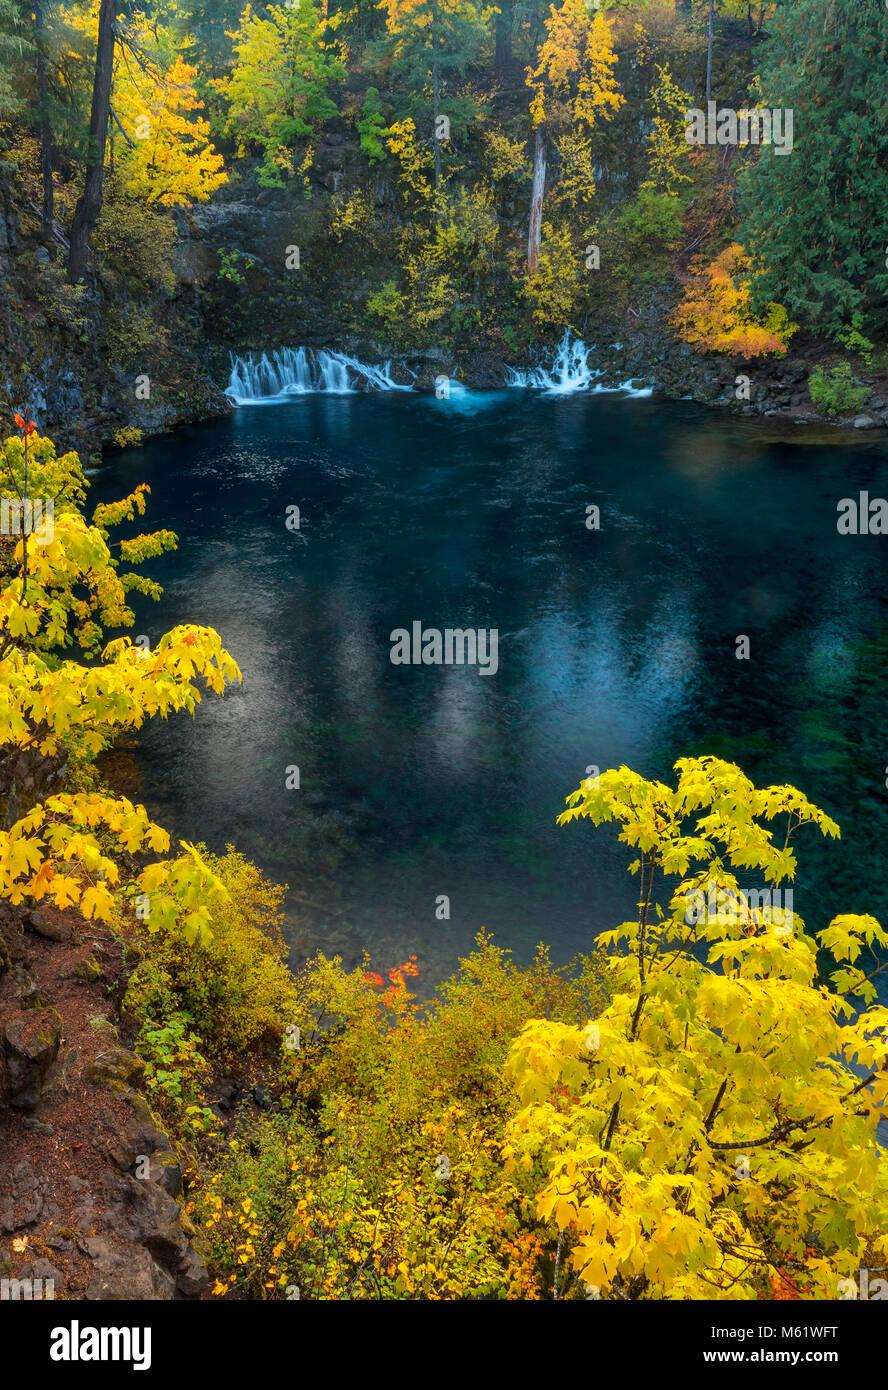 Tamolitch fällt, blauen Pool, McKenzie River National Wild und Scenic River, Willamette National Forest, Oregon Stockbild